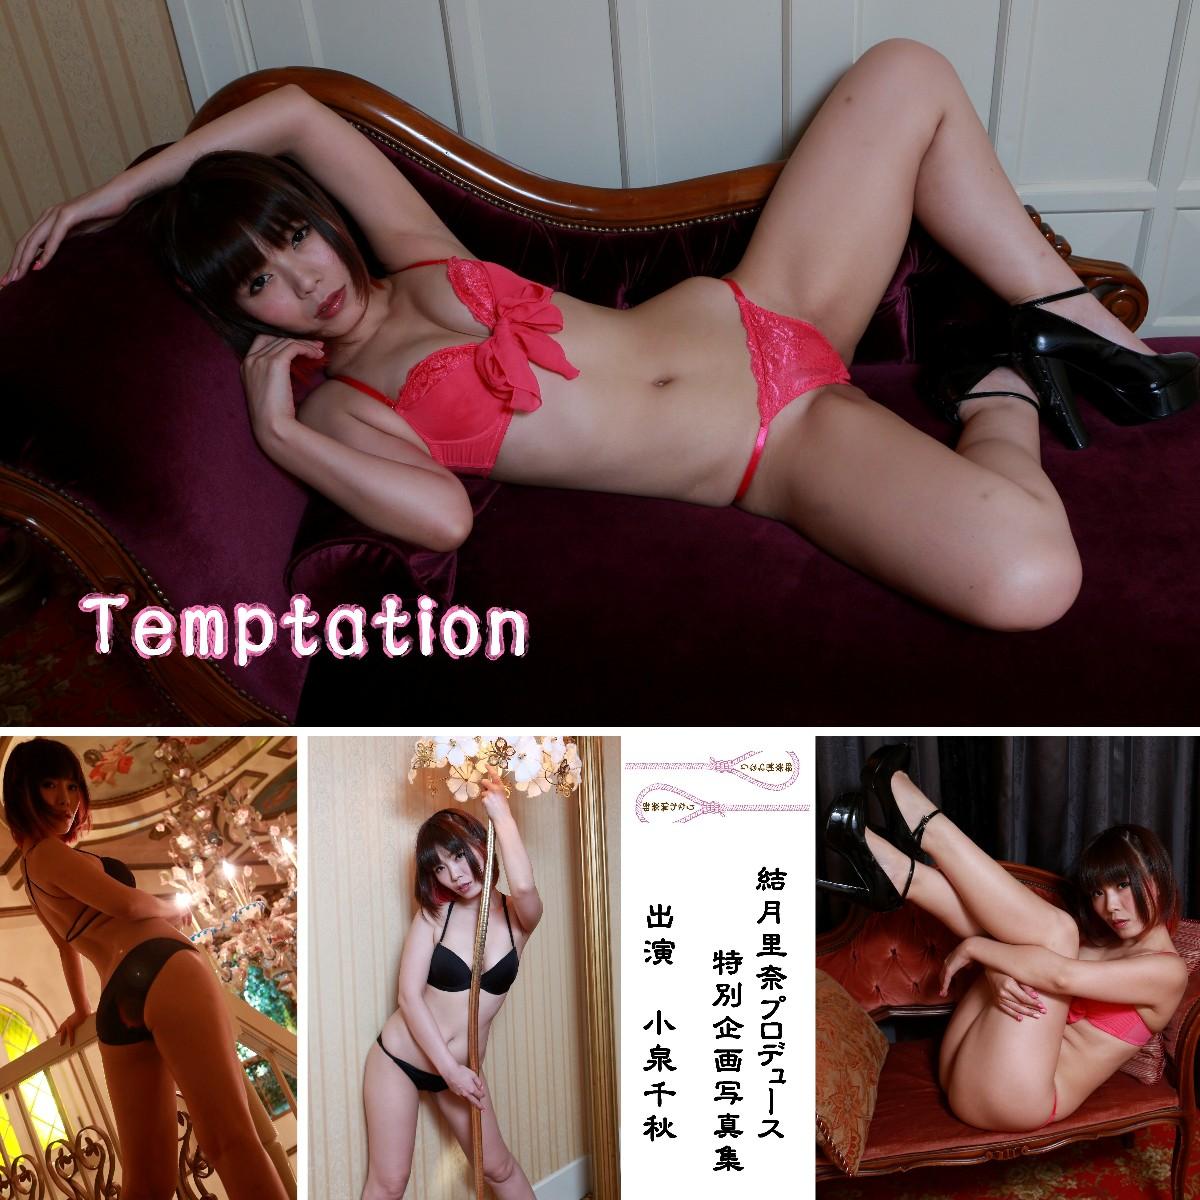 moblog_d495bb33.jpg